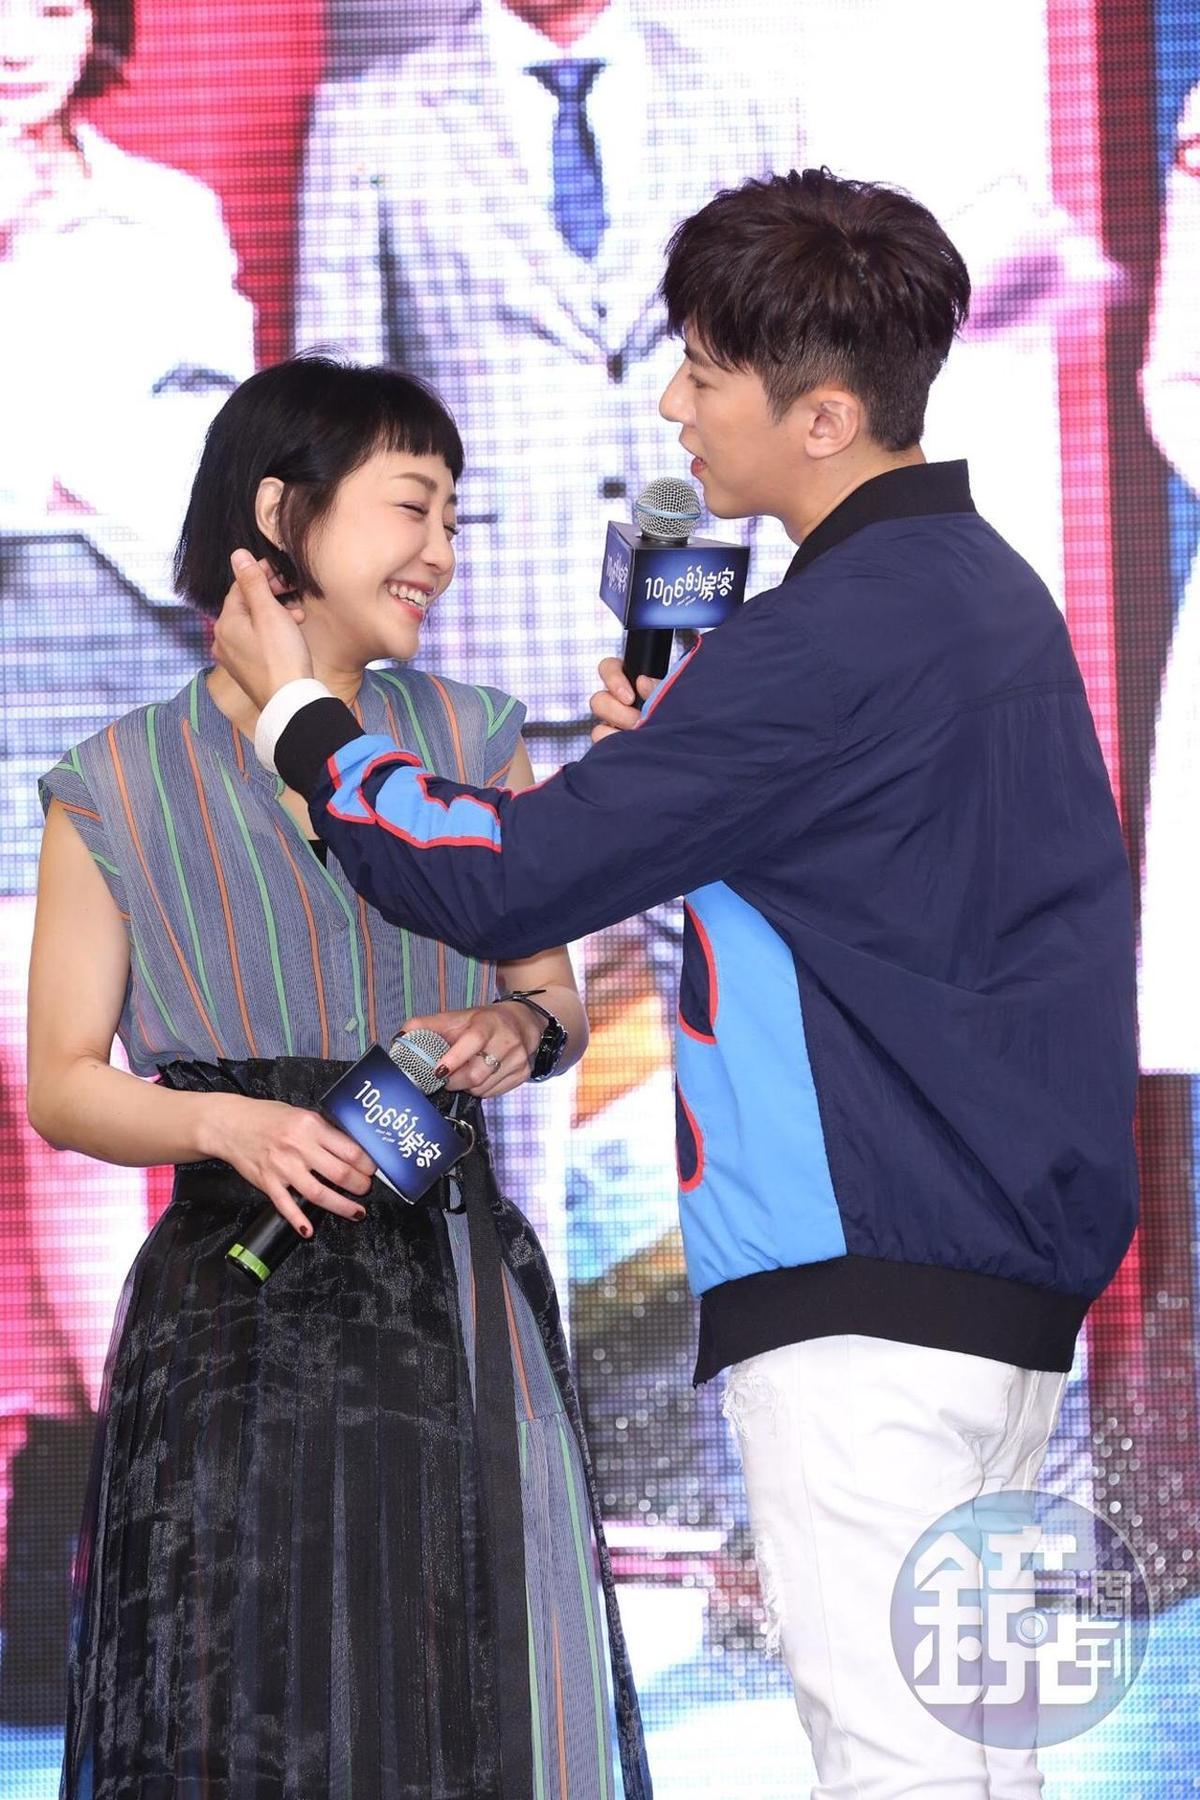 李國毅現場表演撩妹手法,順勢替謝欣穎撥弄頭髮,展現男性魅力。